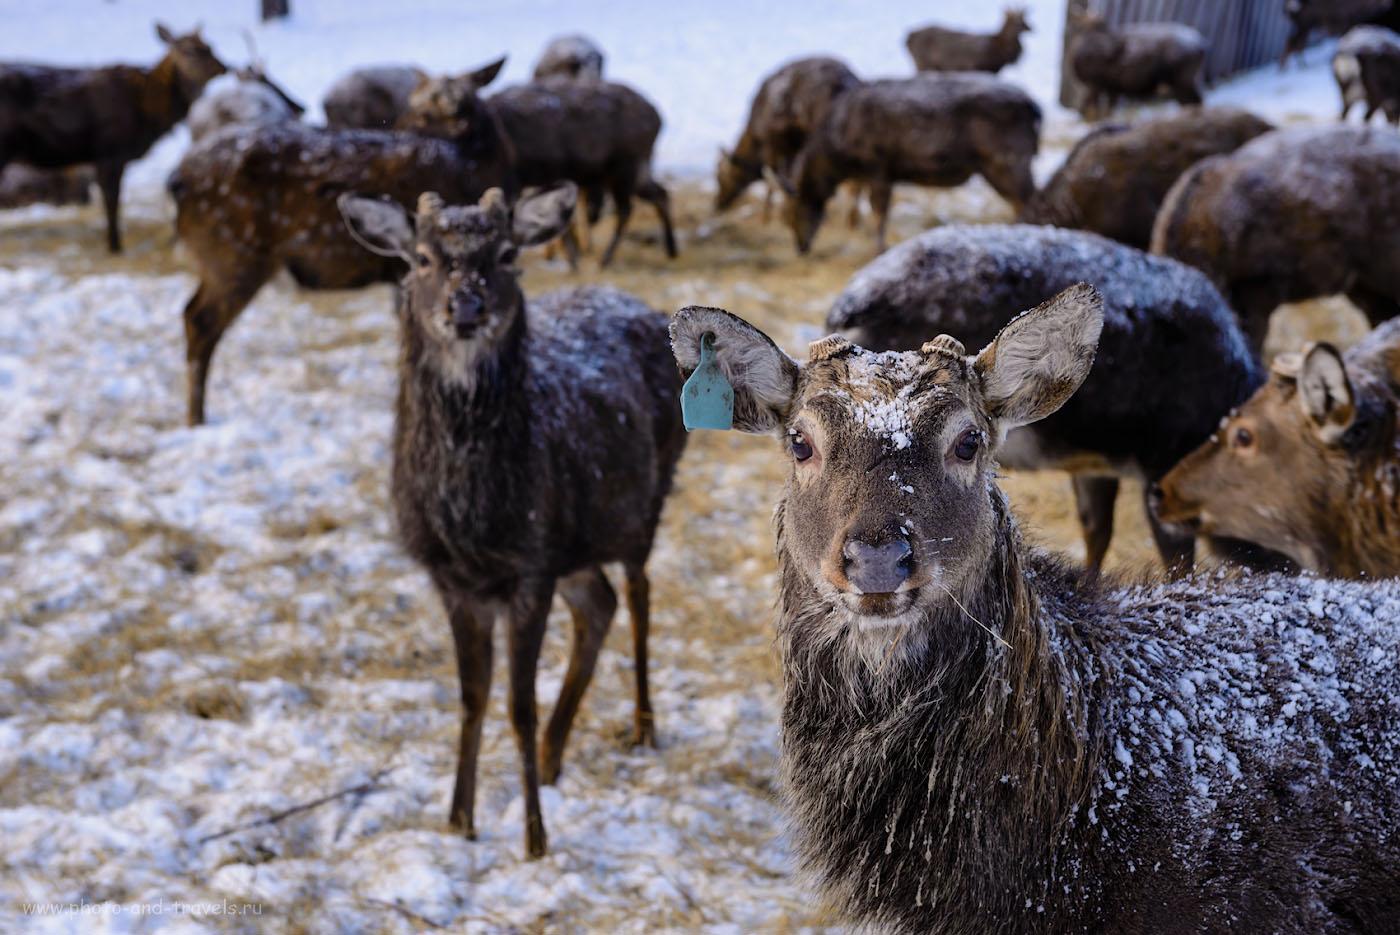 Фото 4. Отзыв об экскурсии в оленью ферму, что в окрестностях озера Иткуль. 1/60, -0.67, 7.1, 100, 70.